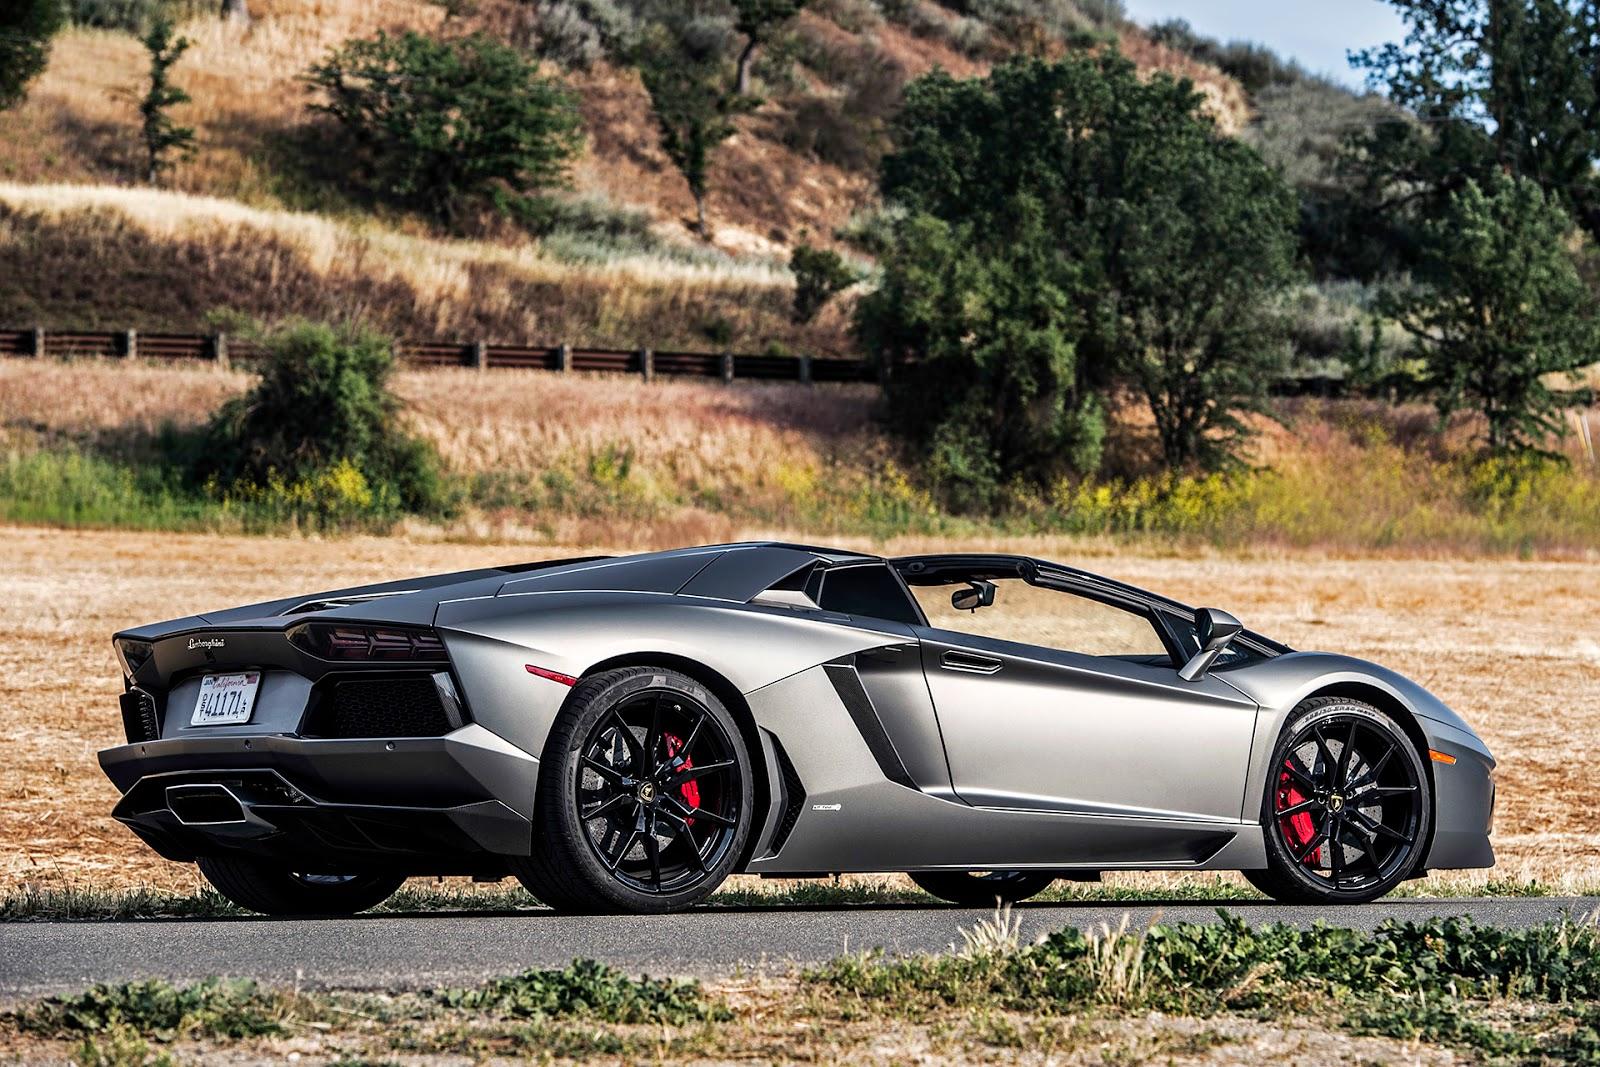 Lamborghini Aventador Spyder >> © Automotiveblogz: Lamborghini Aventador LP 700-4 Roadster: Review 2015